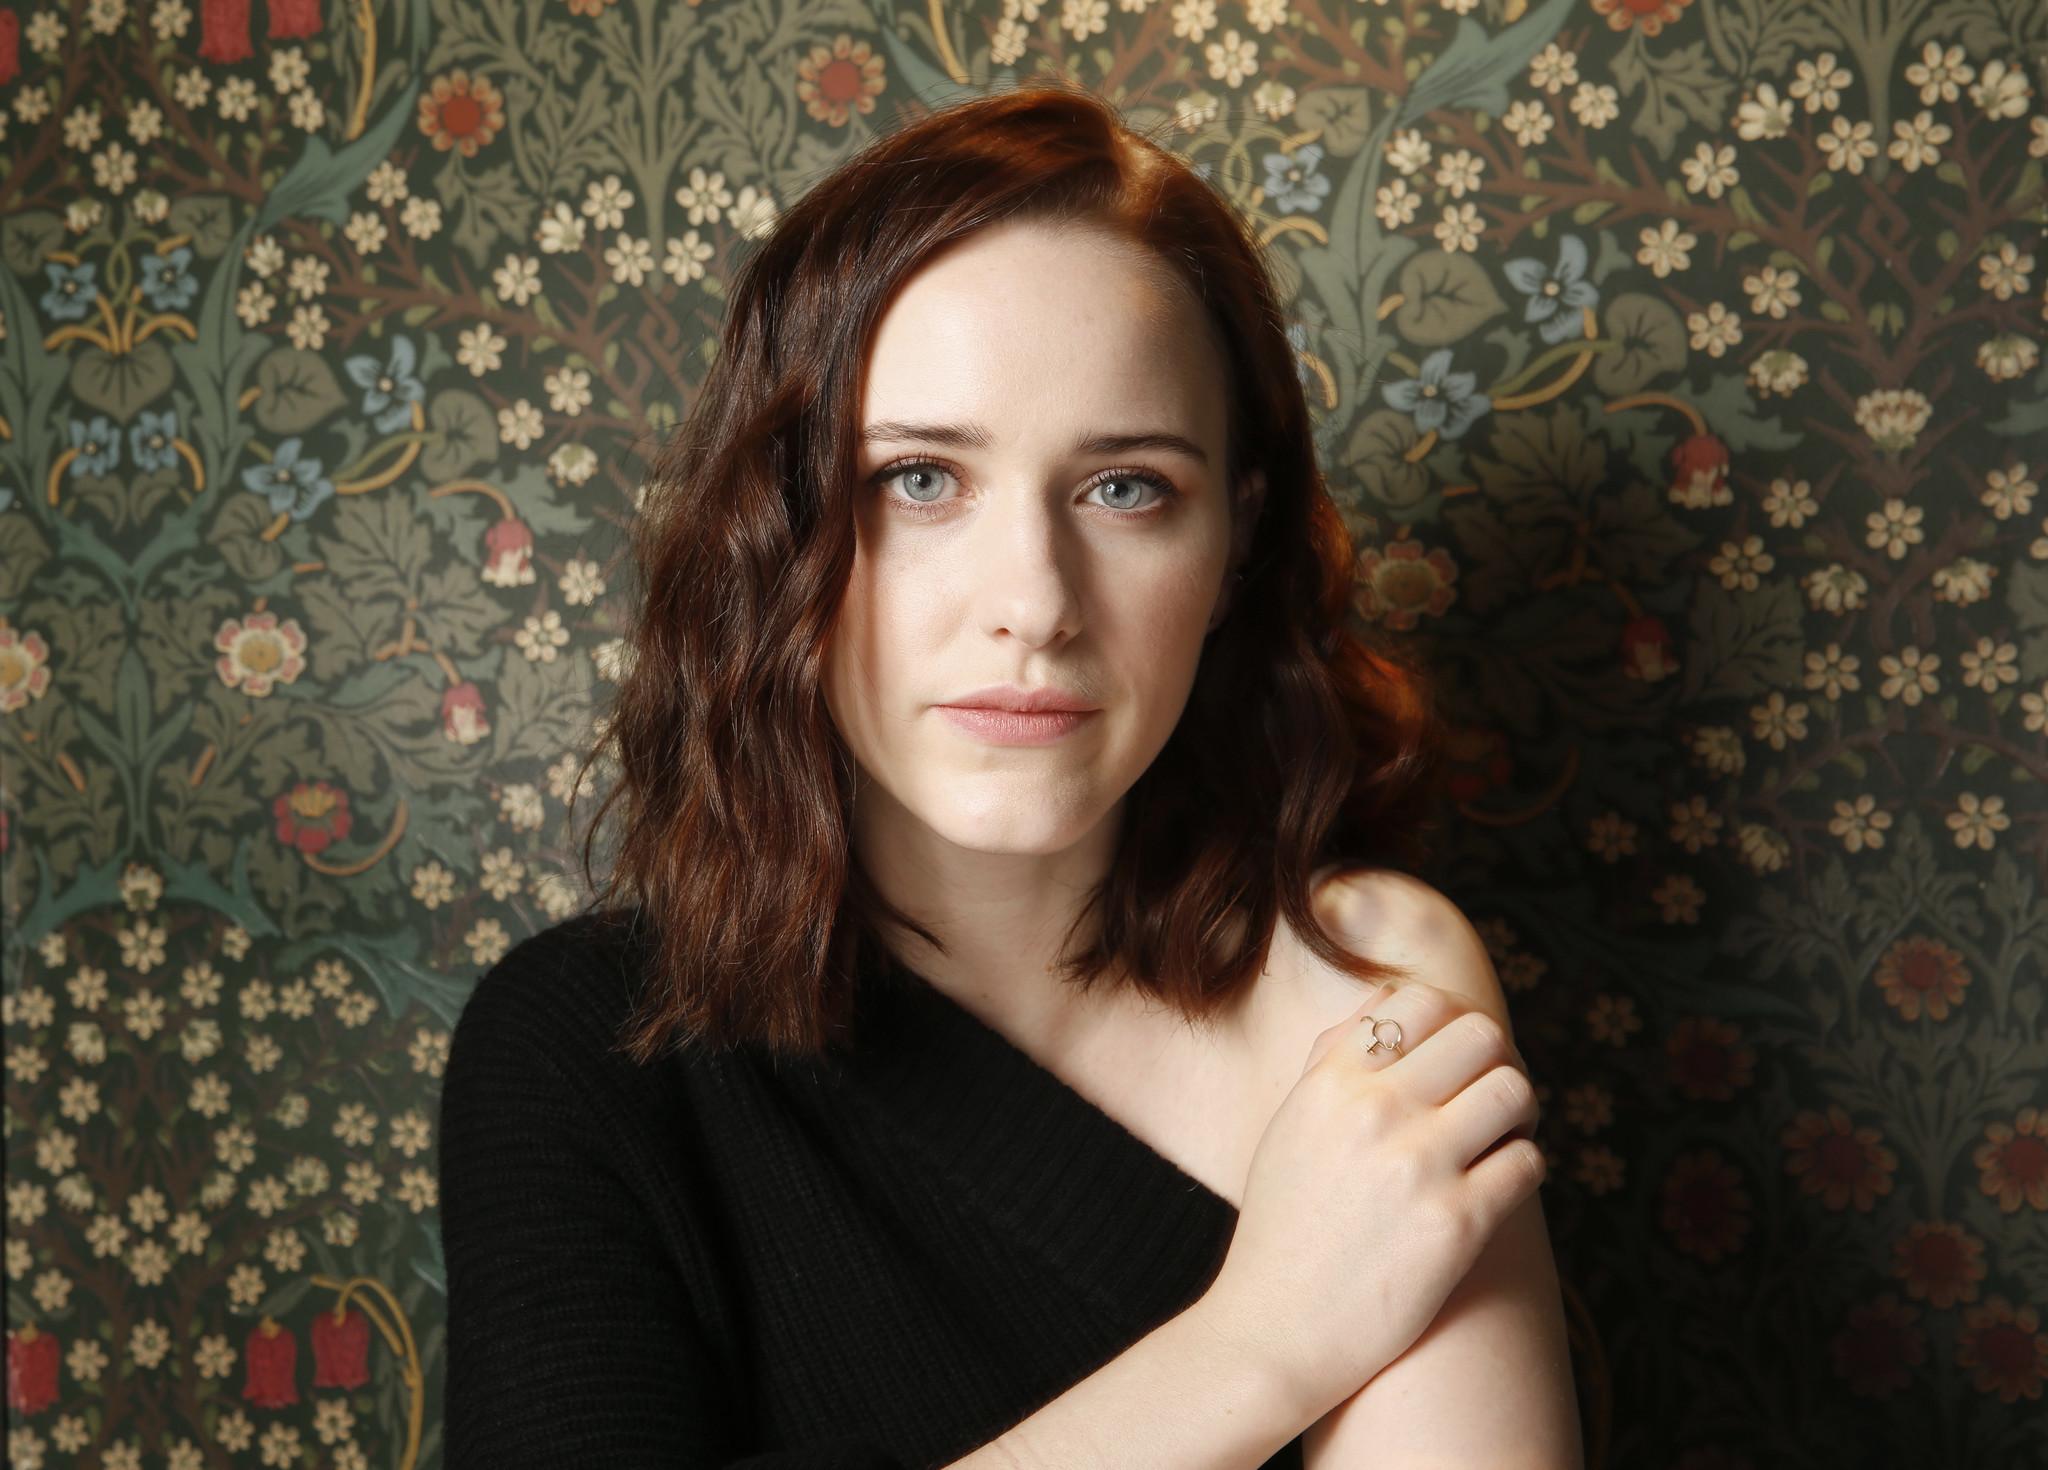 NEW YORK, NEW YORK--DEC. 13, 2017--Rachel Bresnahan stars in the TV series